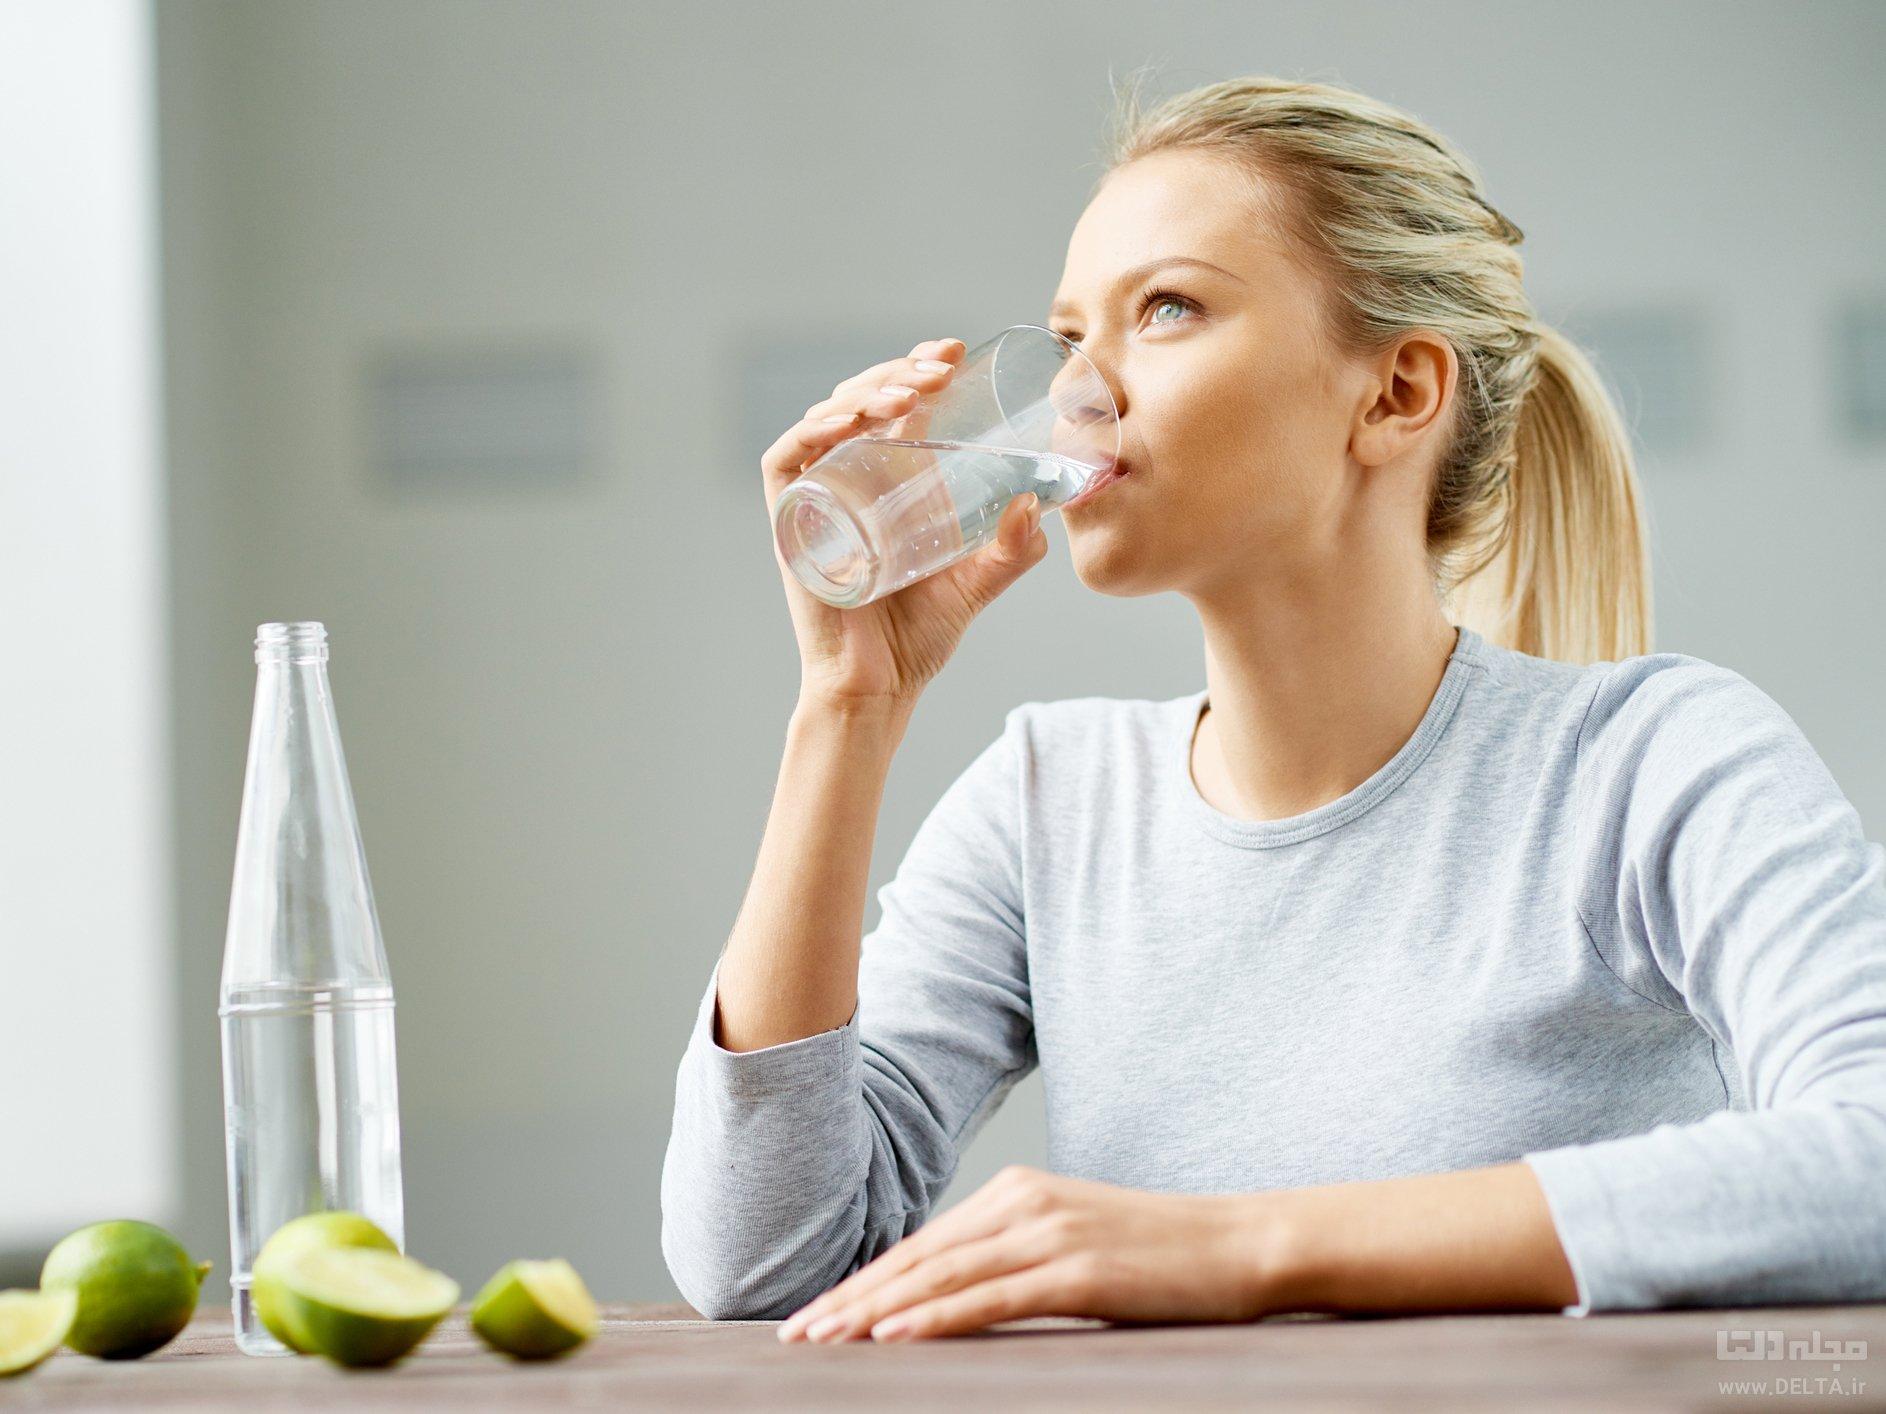 آب نوشيدن